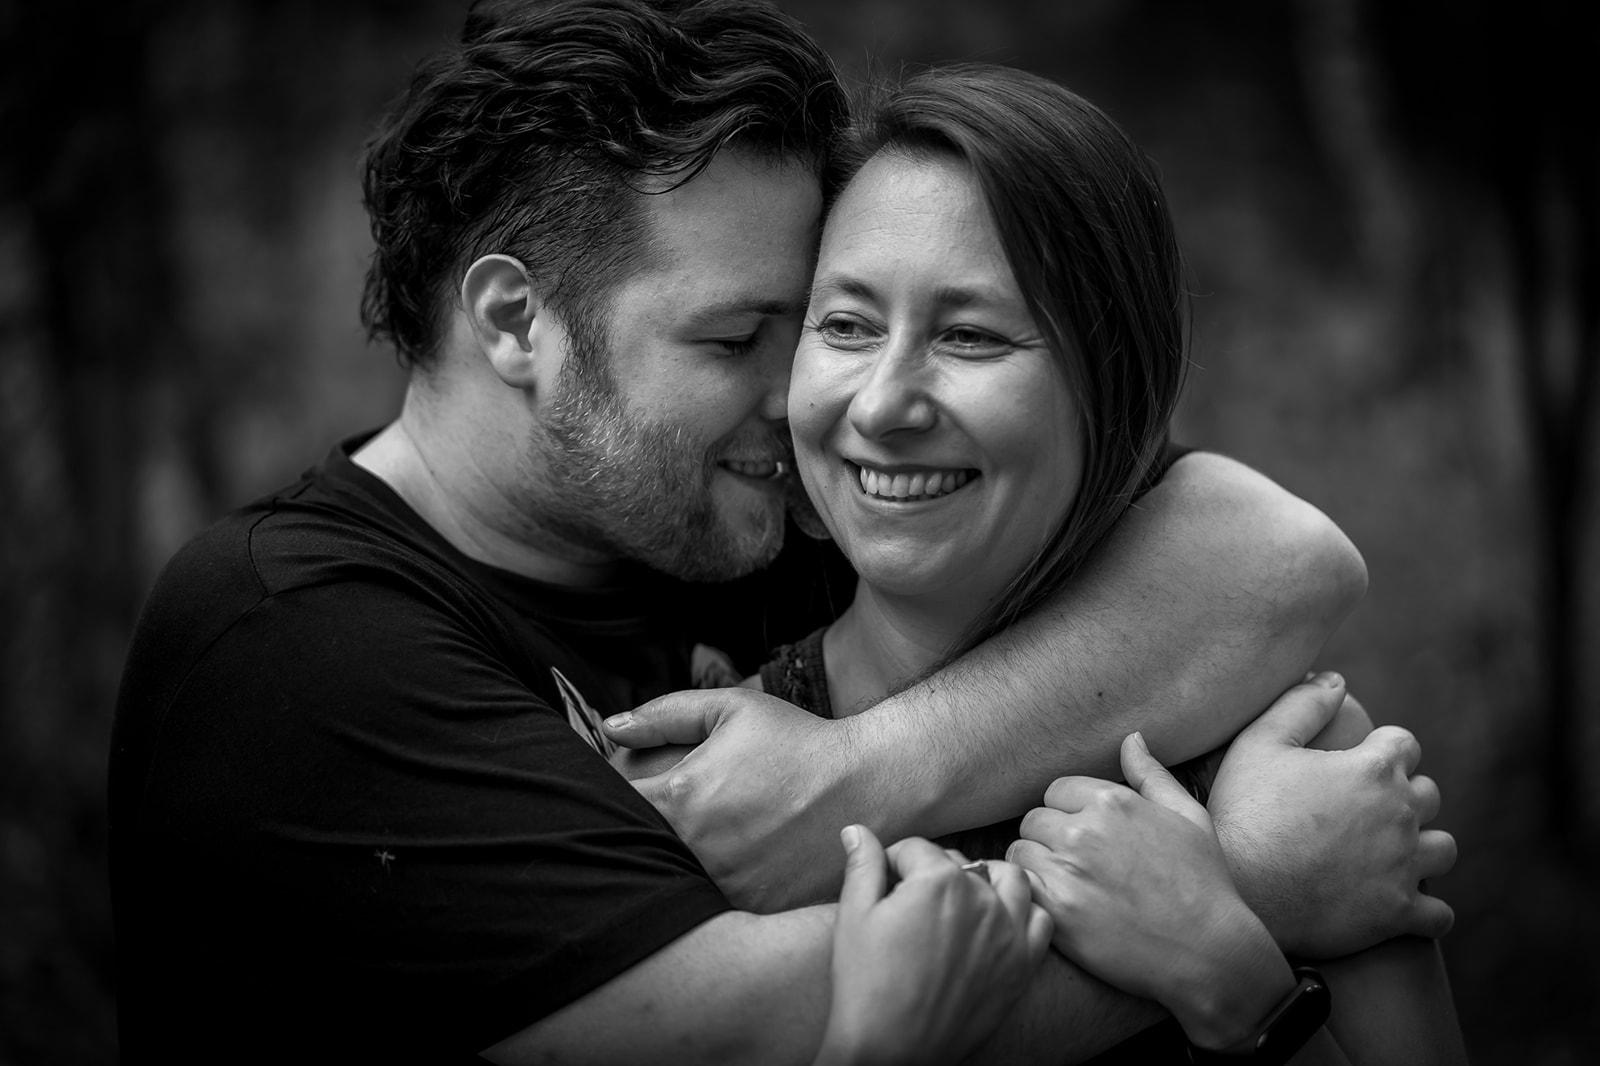 Narzeczeni Zdjęcia Miłość Fotografia Para Sesja